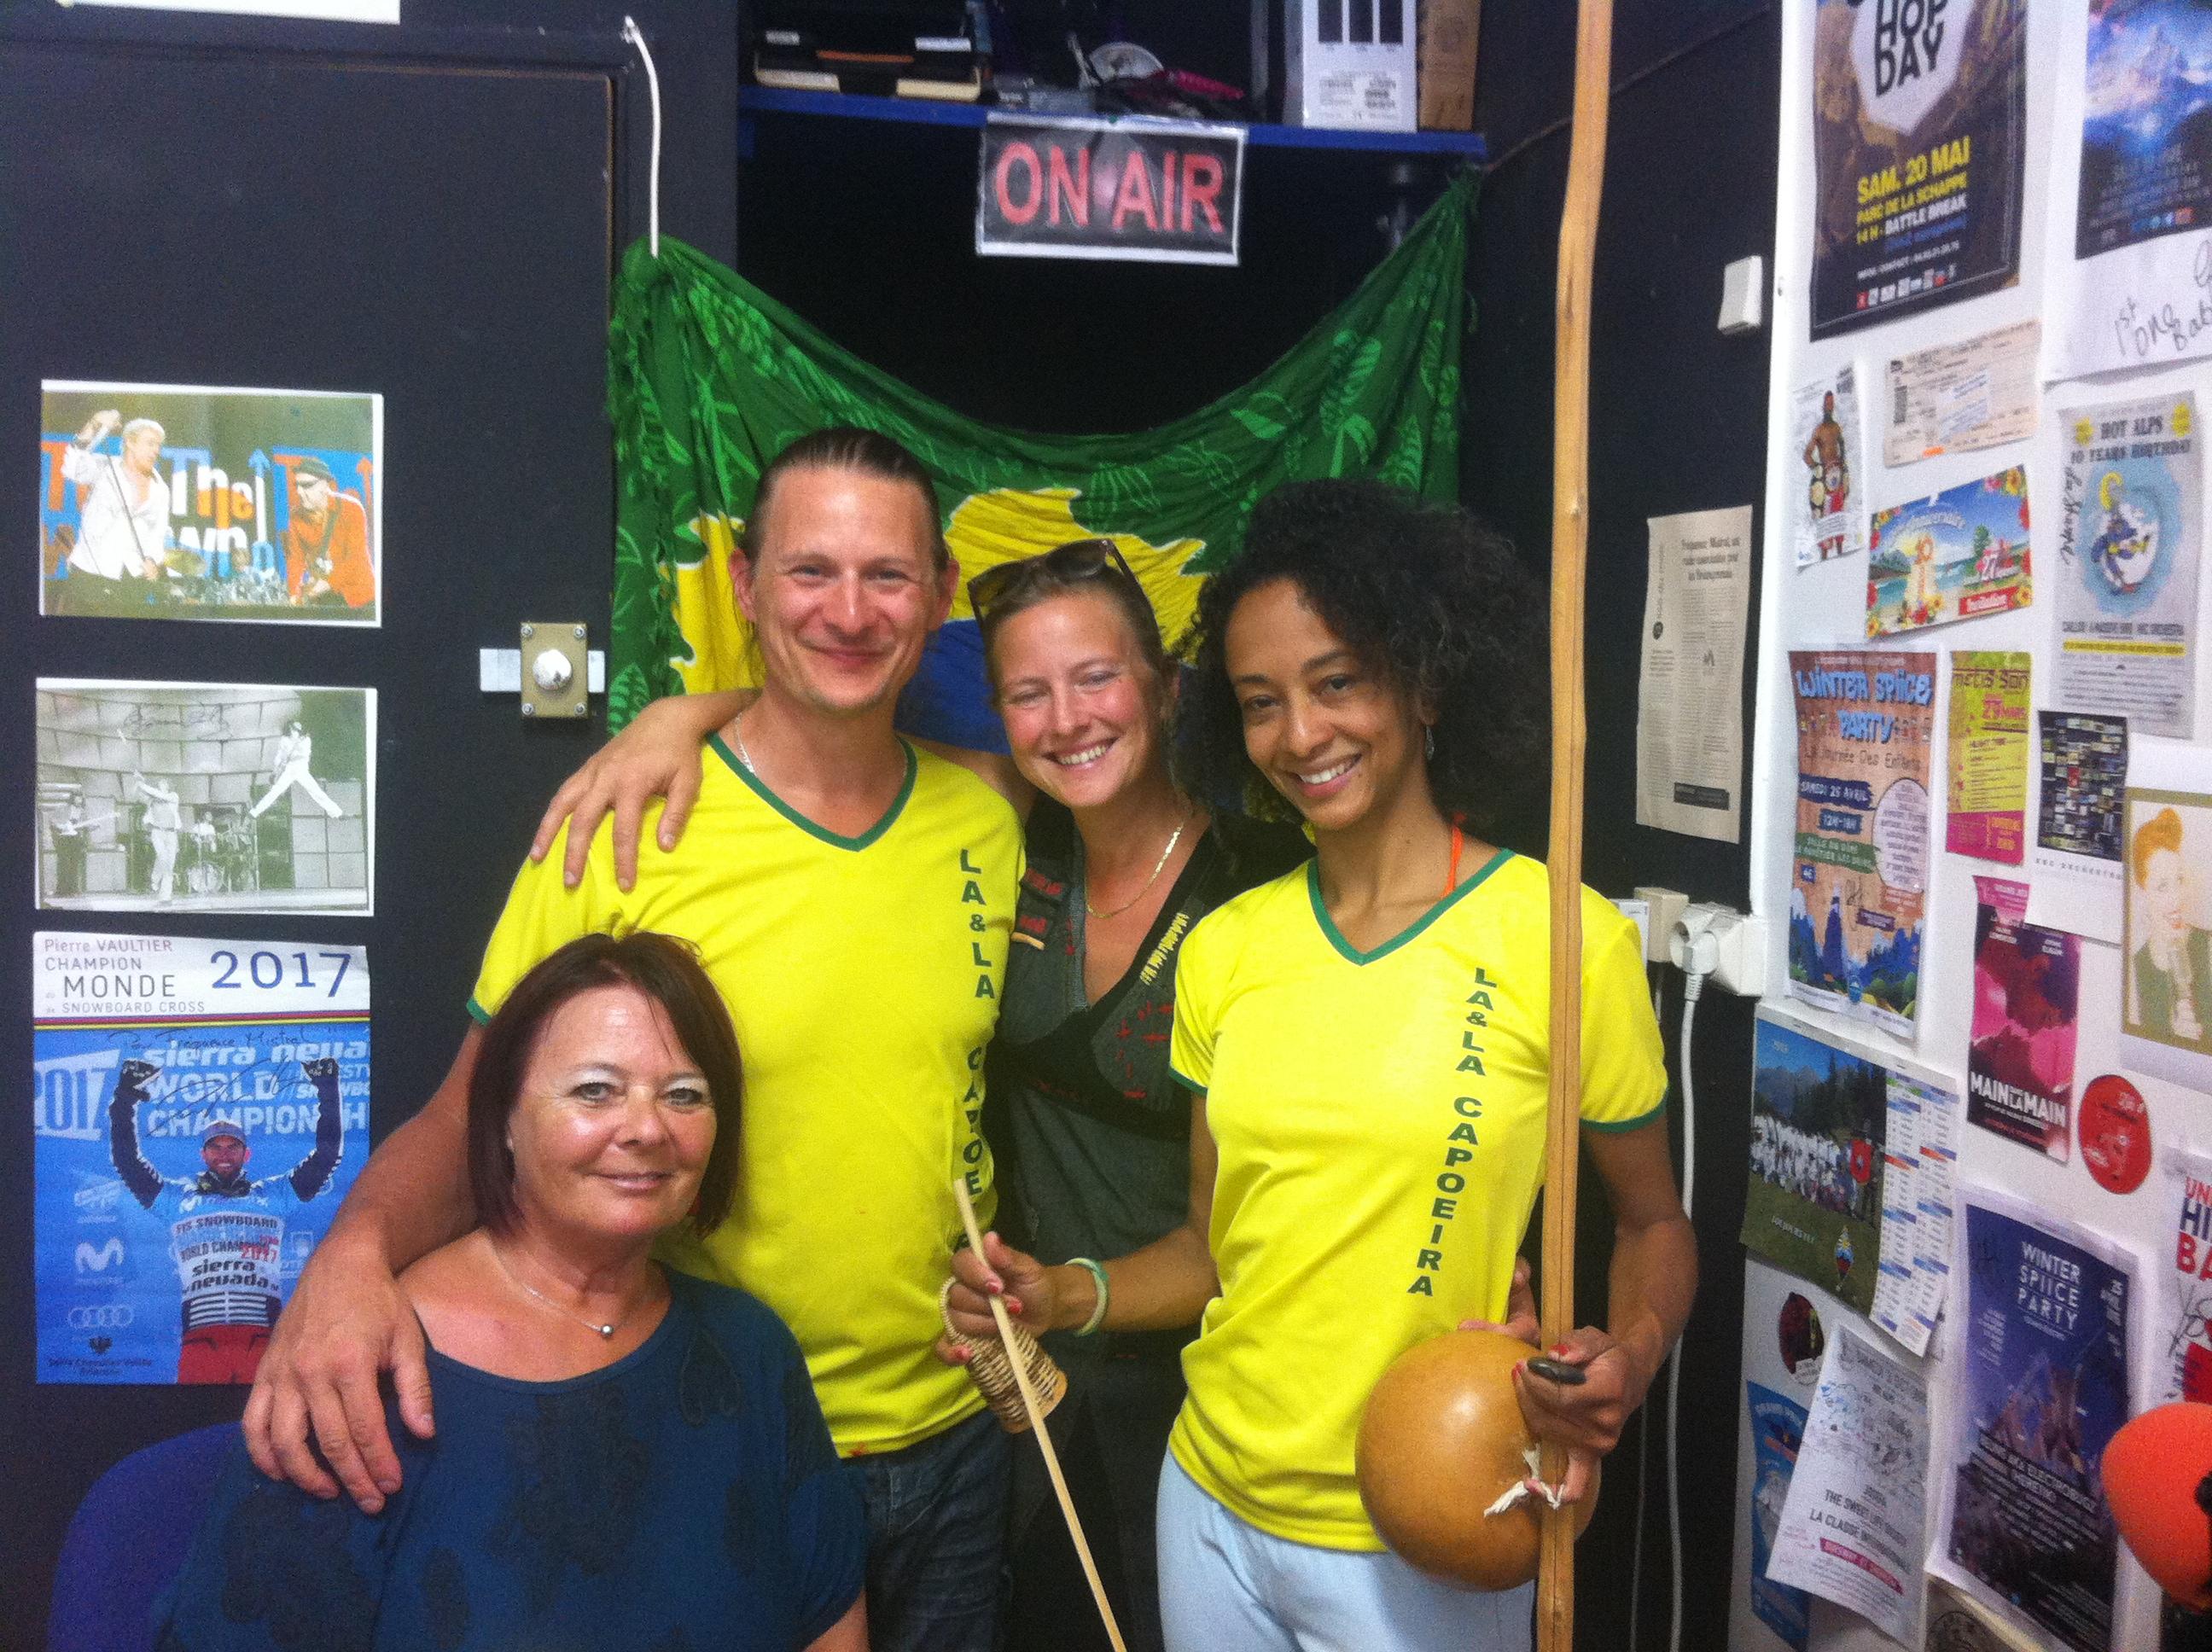 Découverte des chants de la capoeira